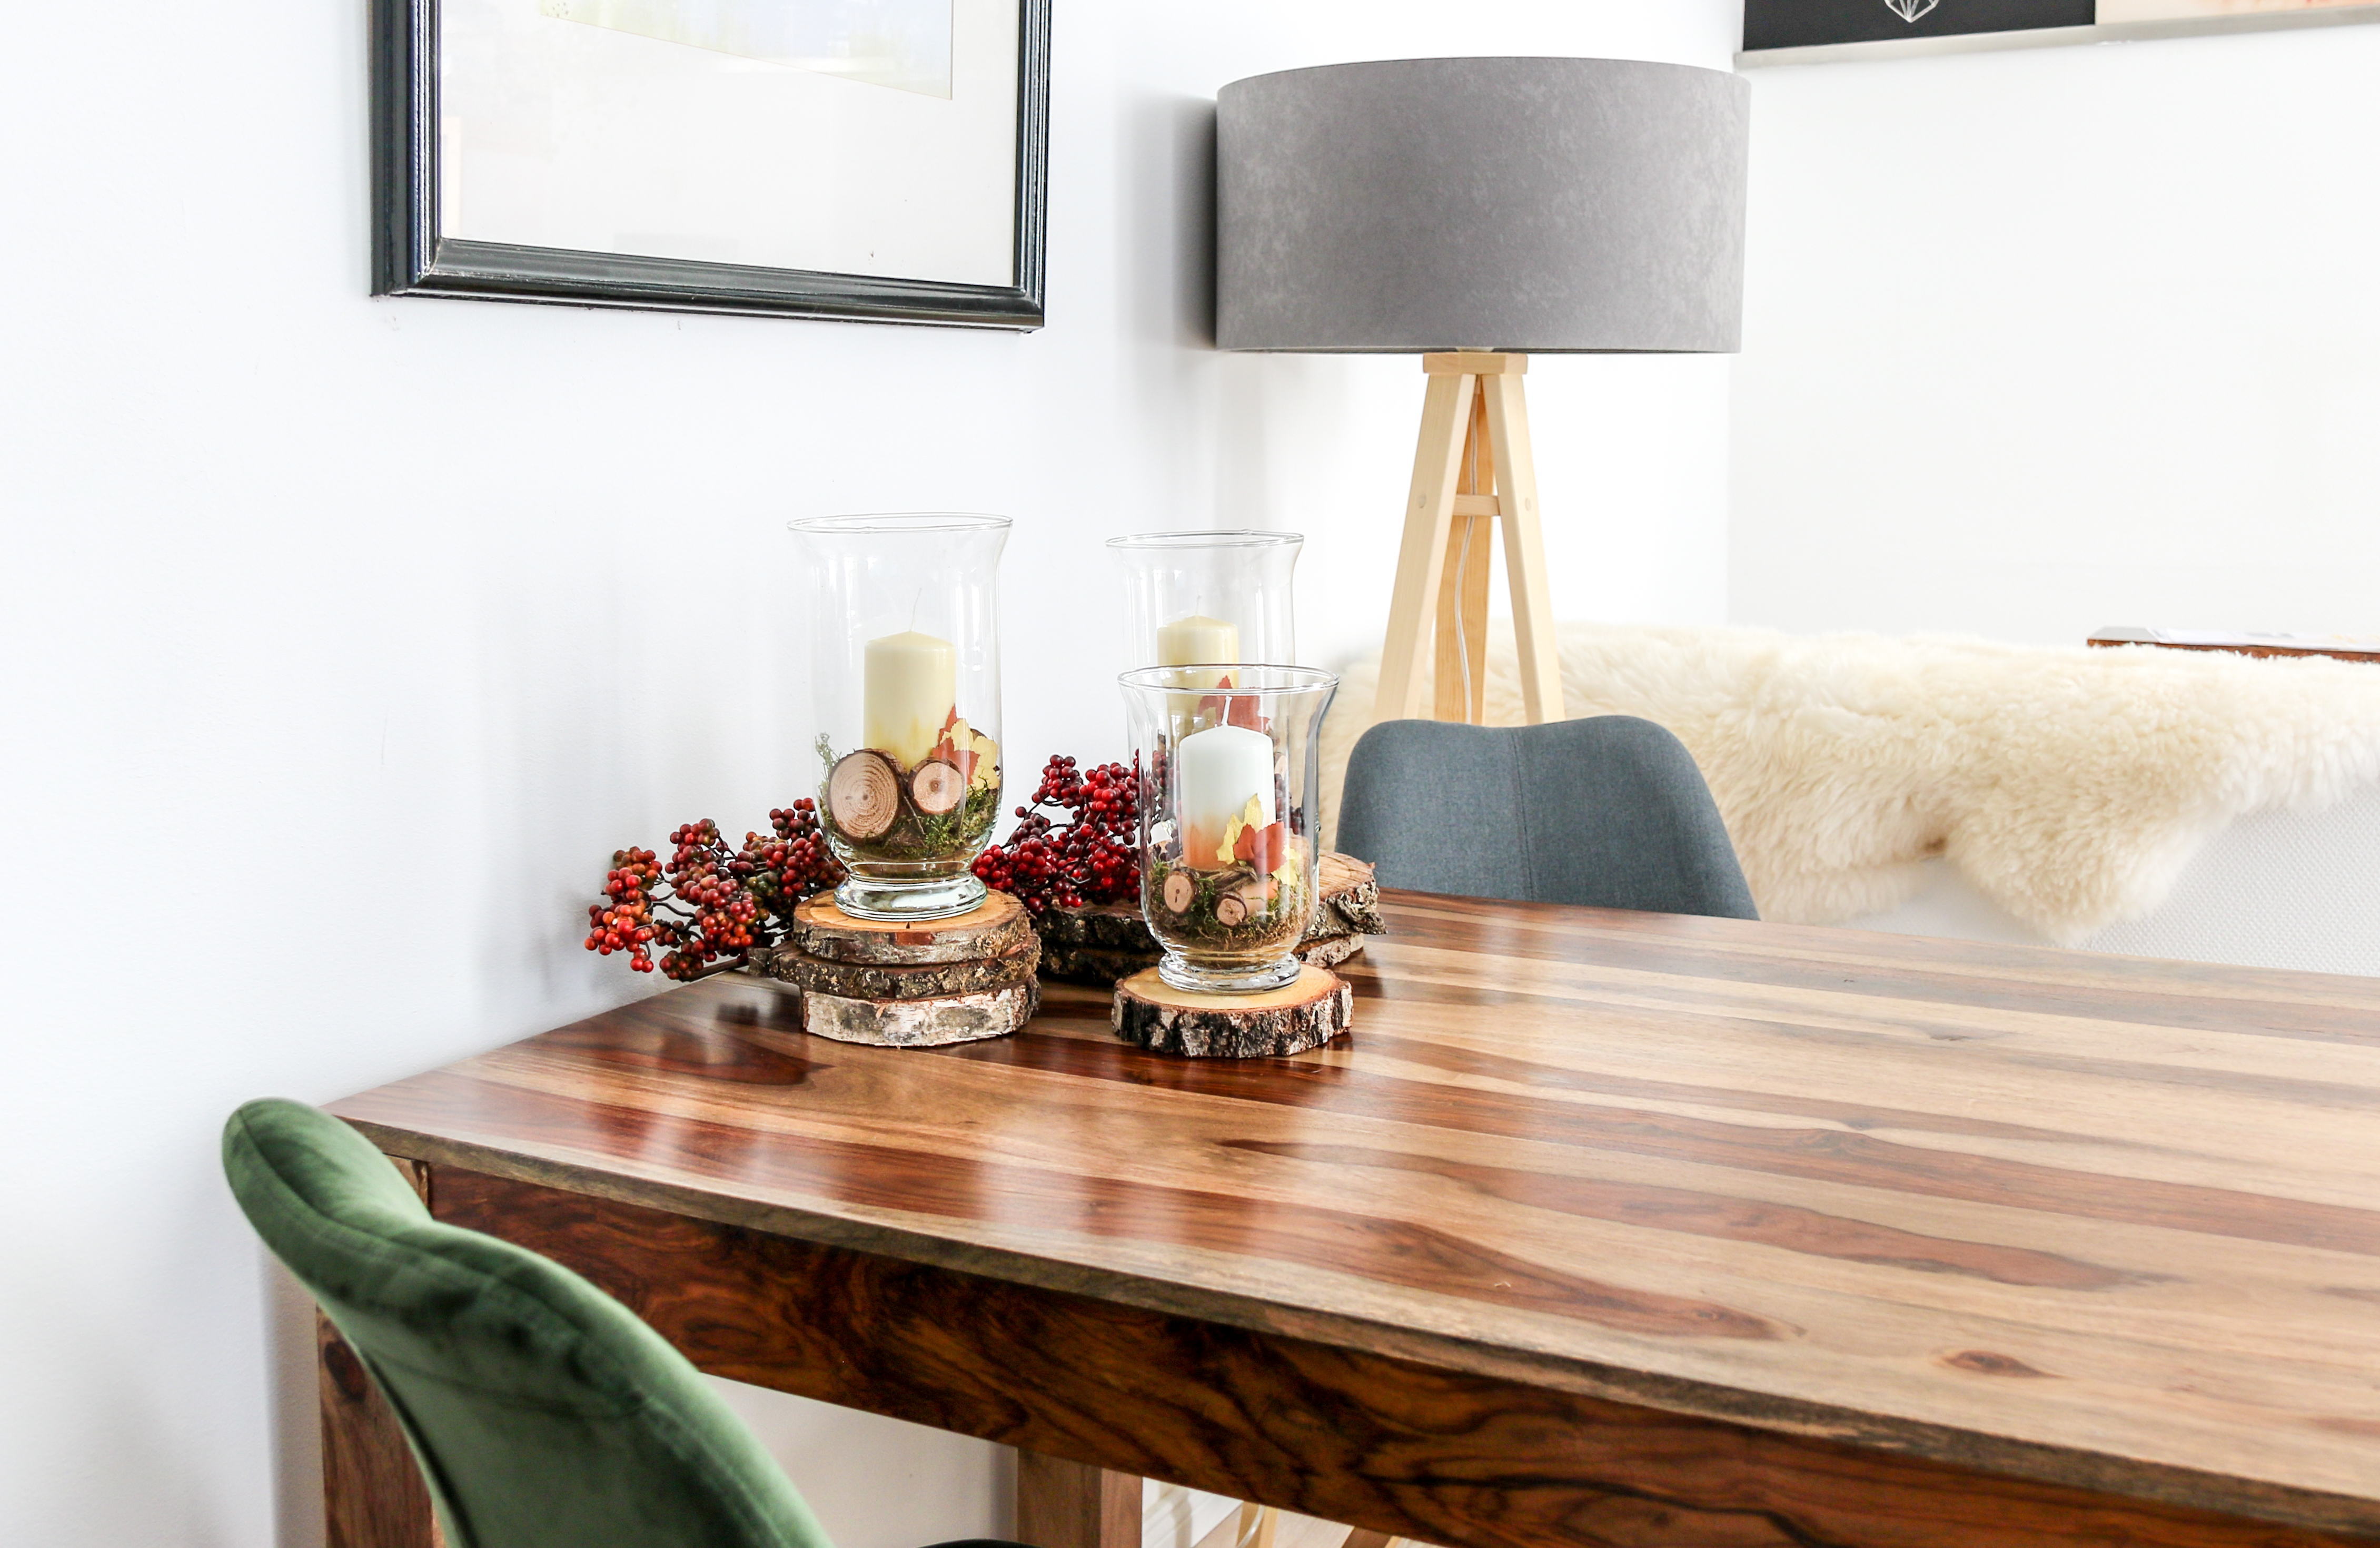 Diy Herbstliche Kerzen Als Deko Furs Wohnzimmer Mit Pilotpen Werbung